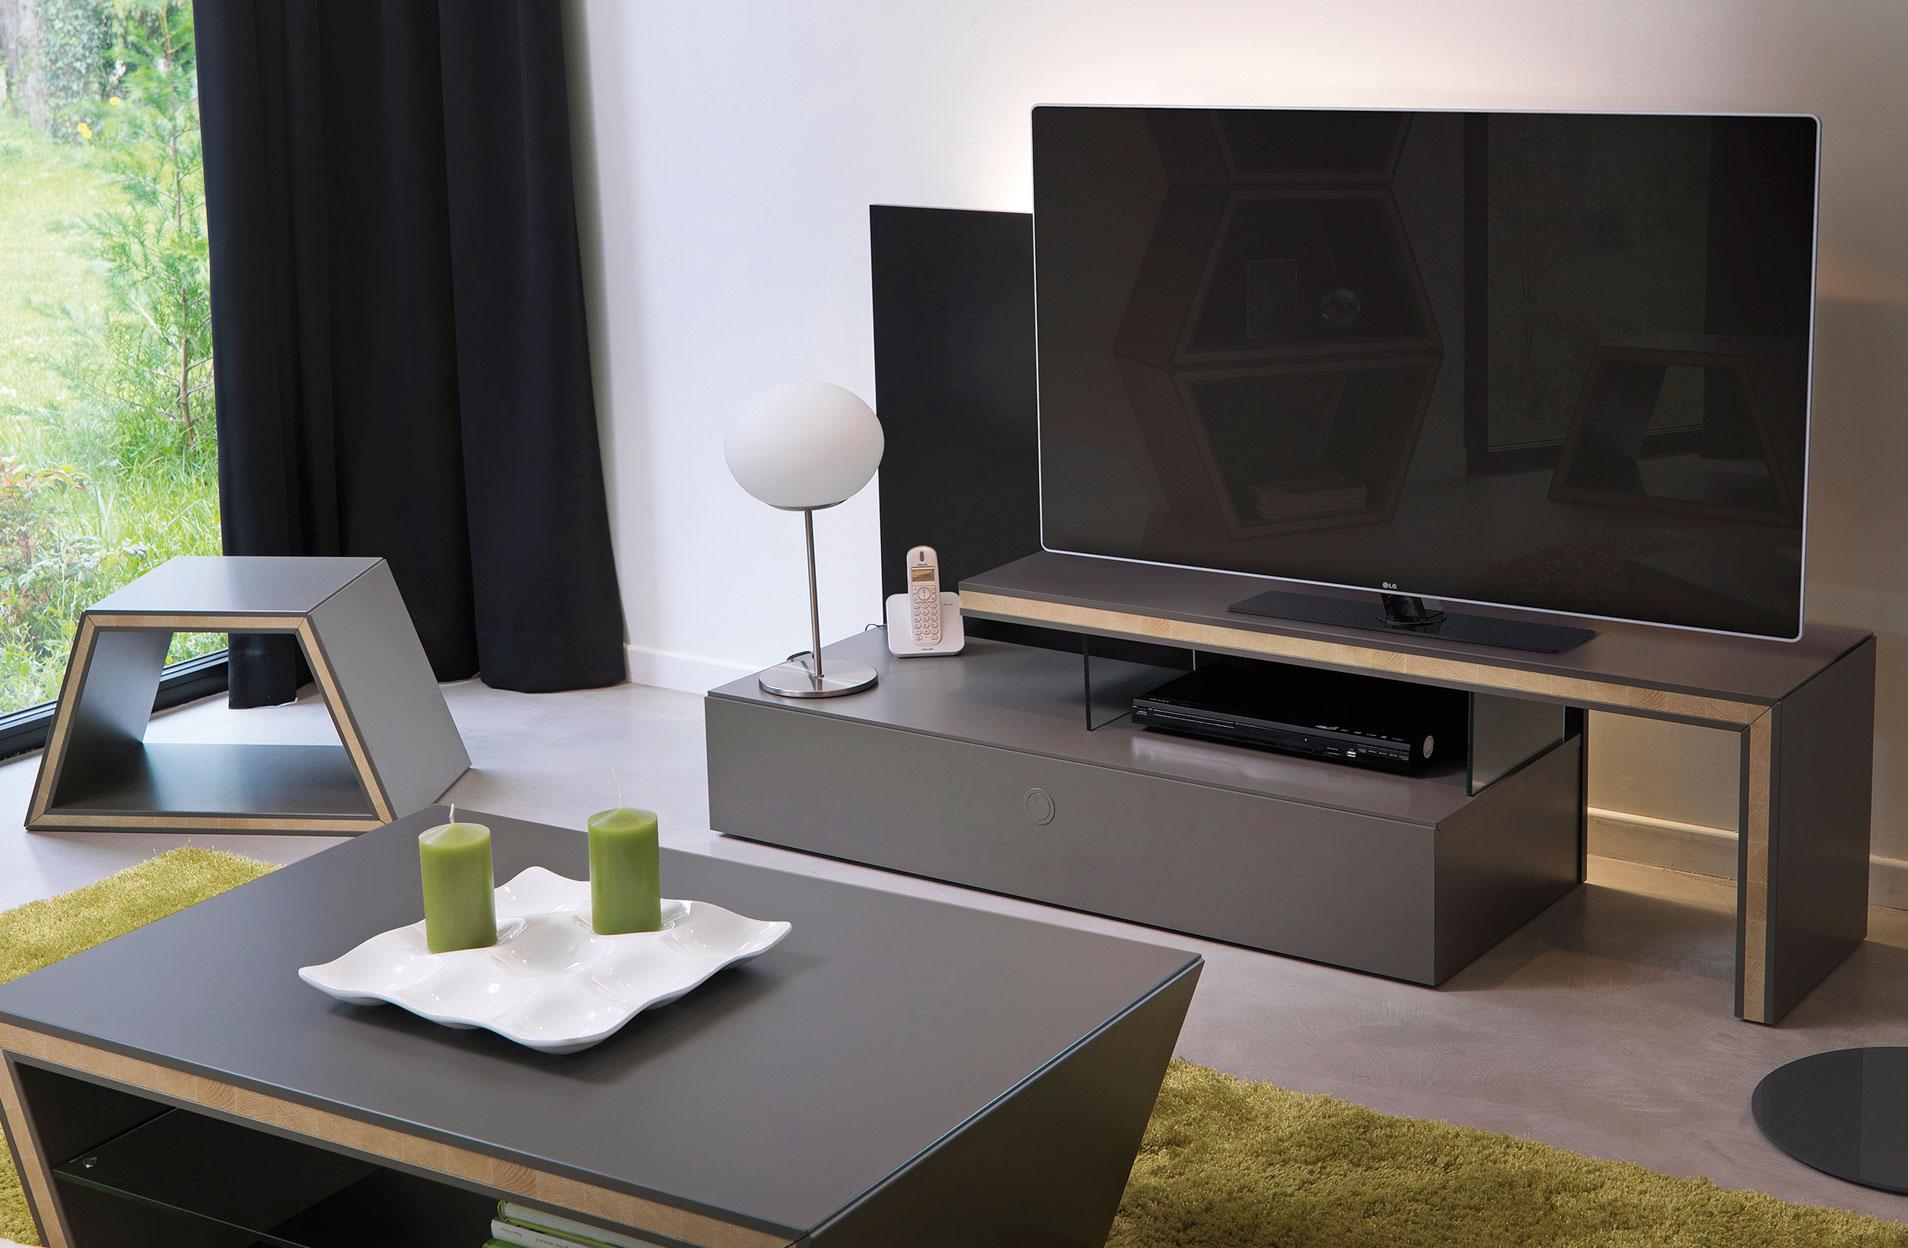 ambiance d co salon contemporain gautier setis. Black Bedroom Furniture Sets. Home Design Ideas